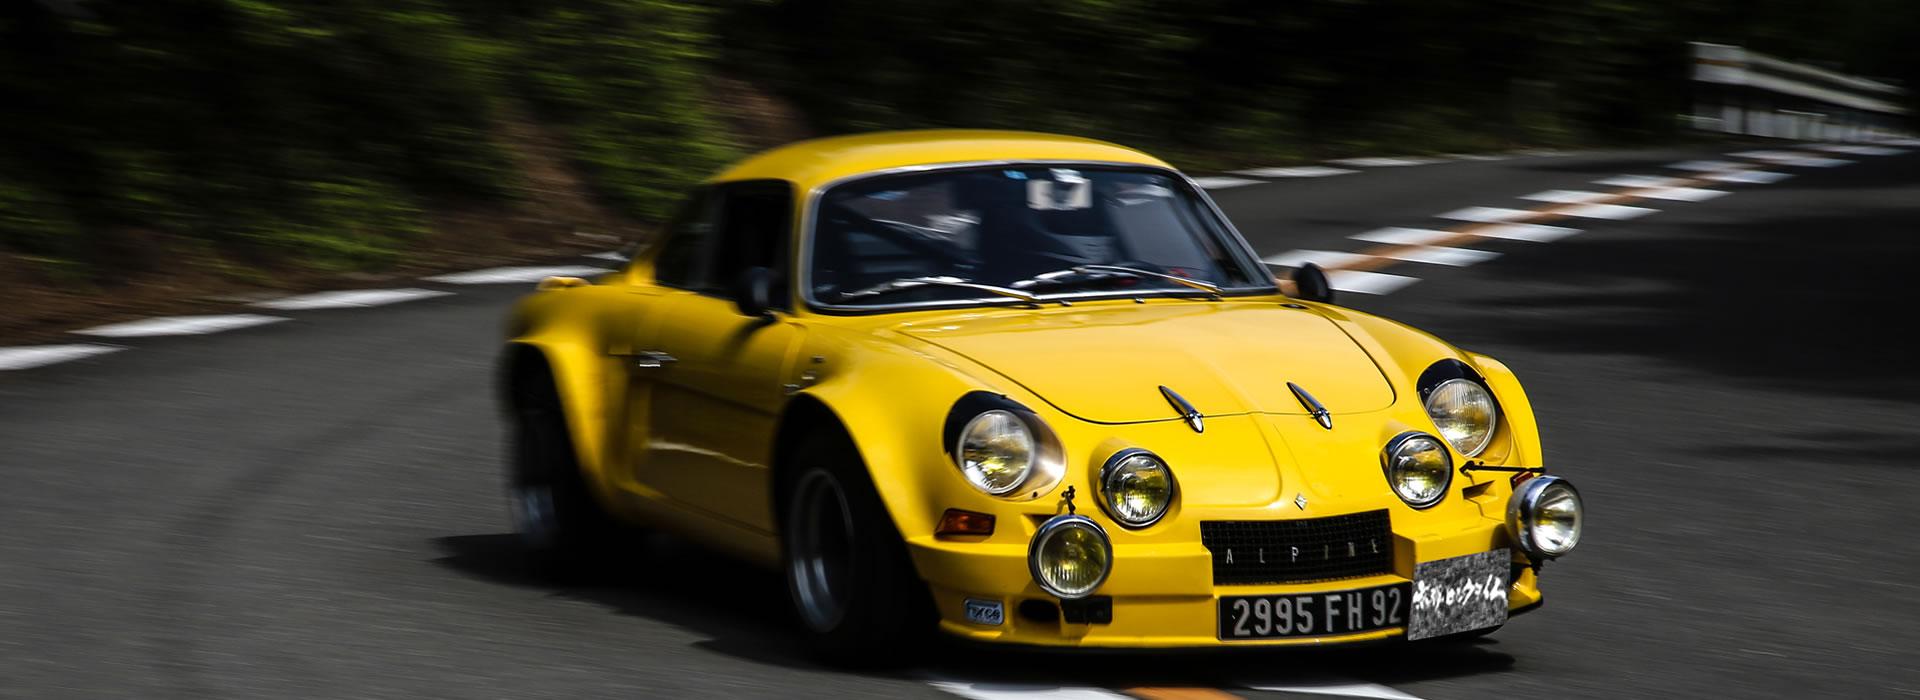 出典:http://special-stage.racing/